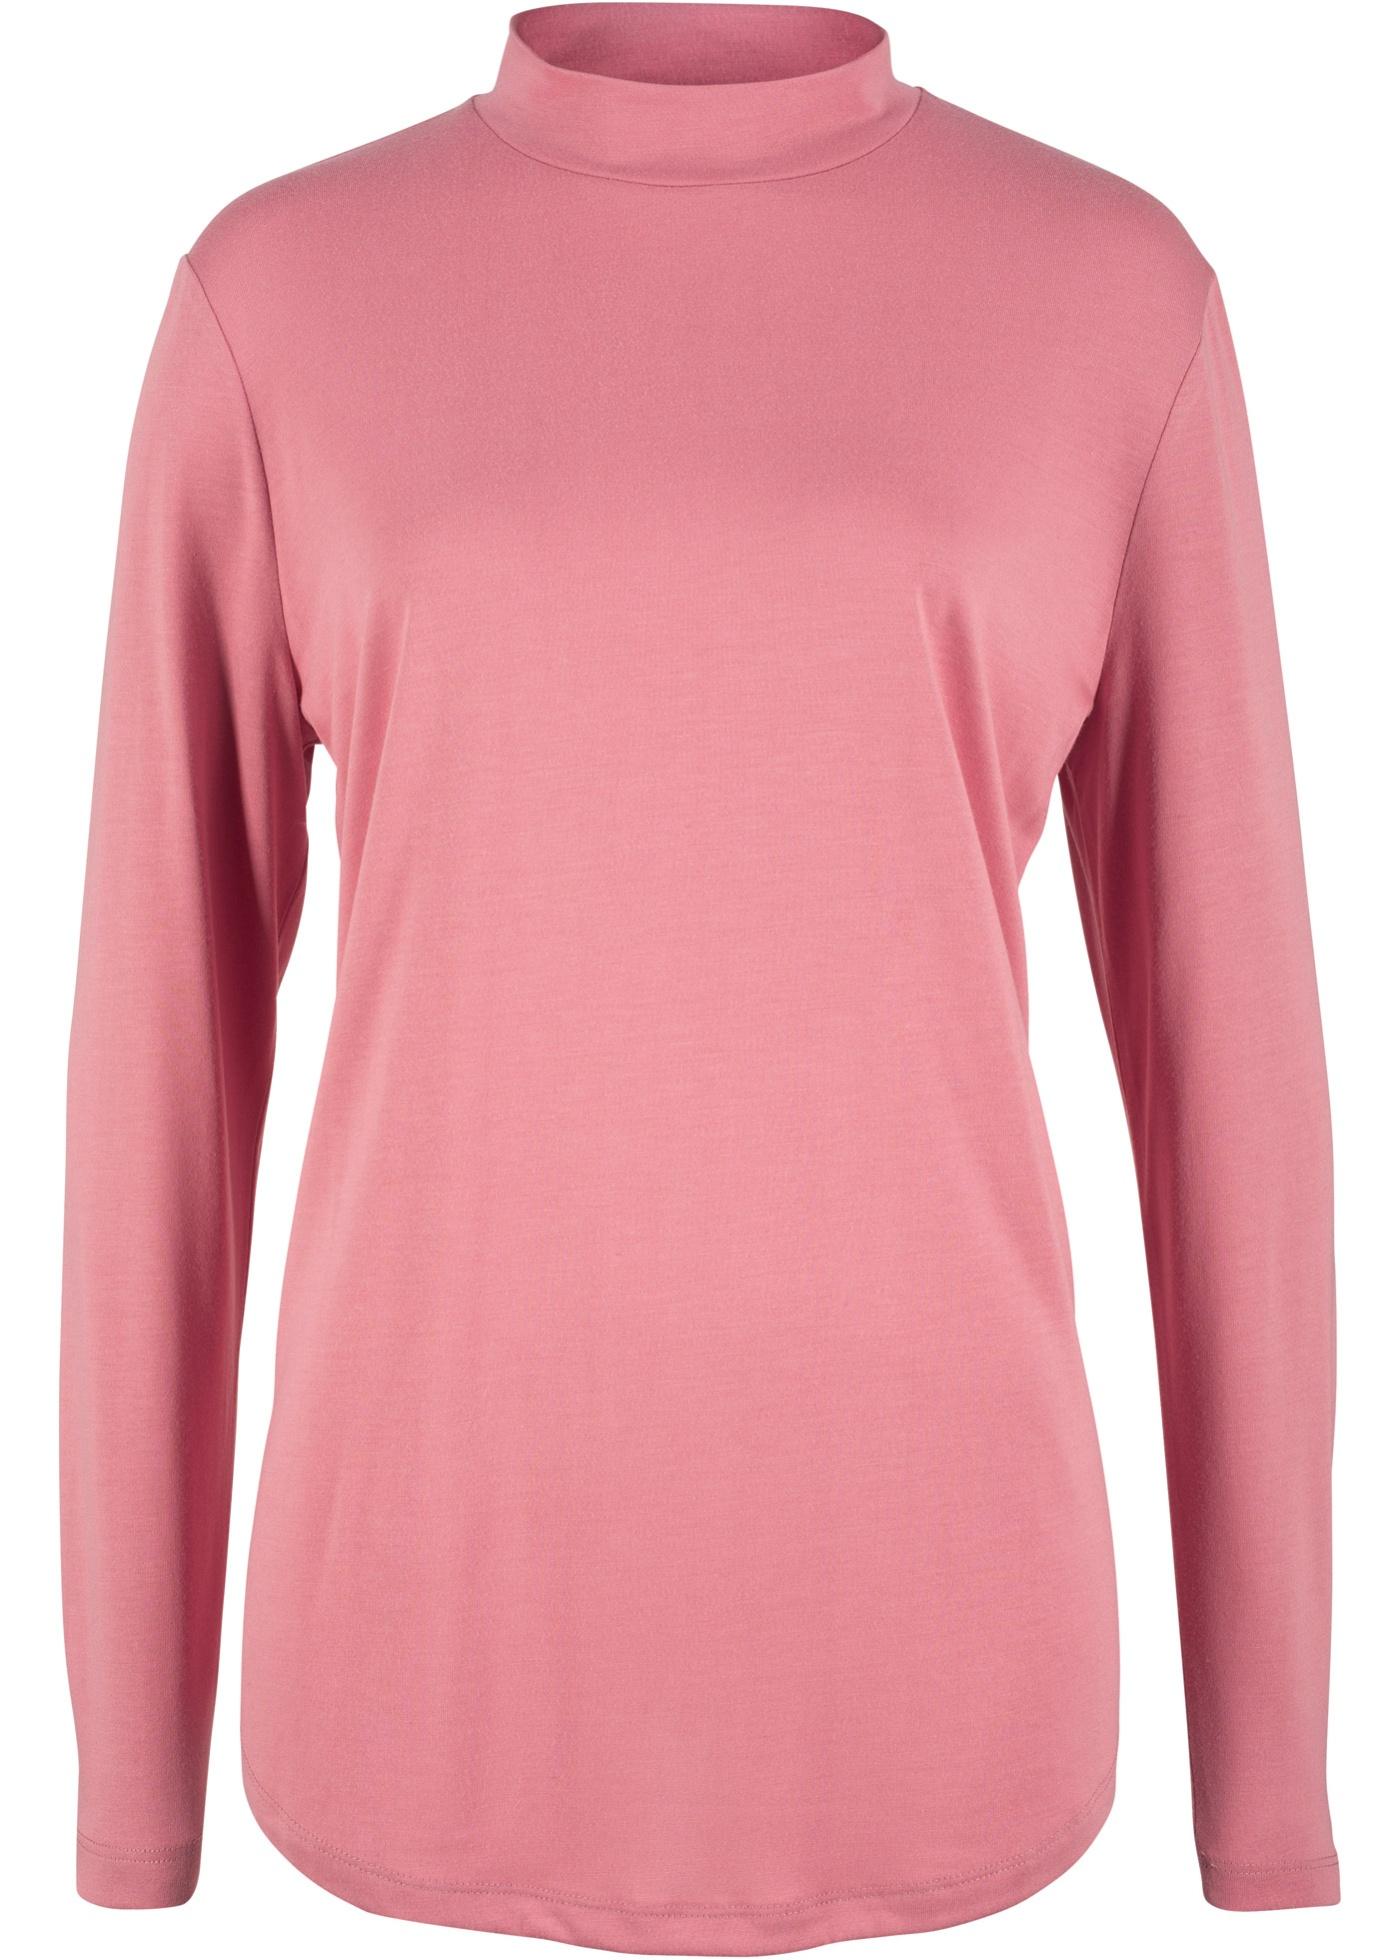 Manches À Bonprix shirt Longues Bpc Pour CollectionT Montant Femme Rose Col q3L4c5RAj